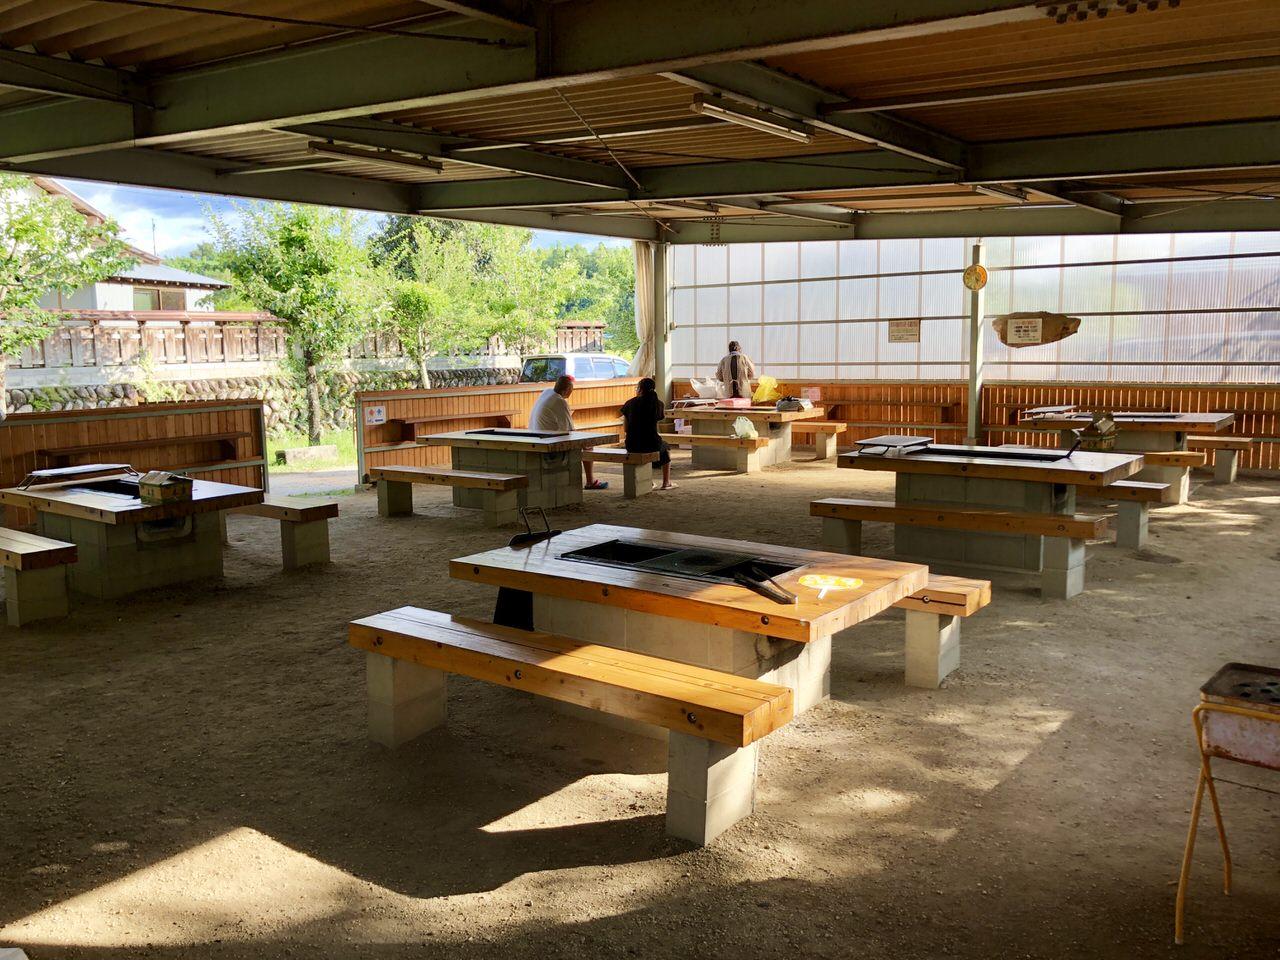 福岡ローマン渓谷オートキャンプ場のバーベキュー場